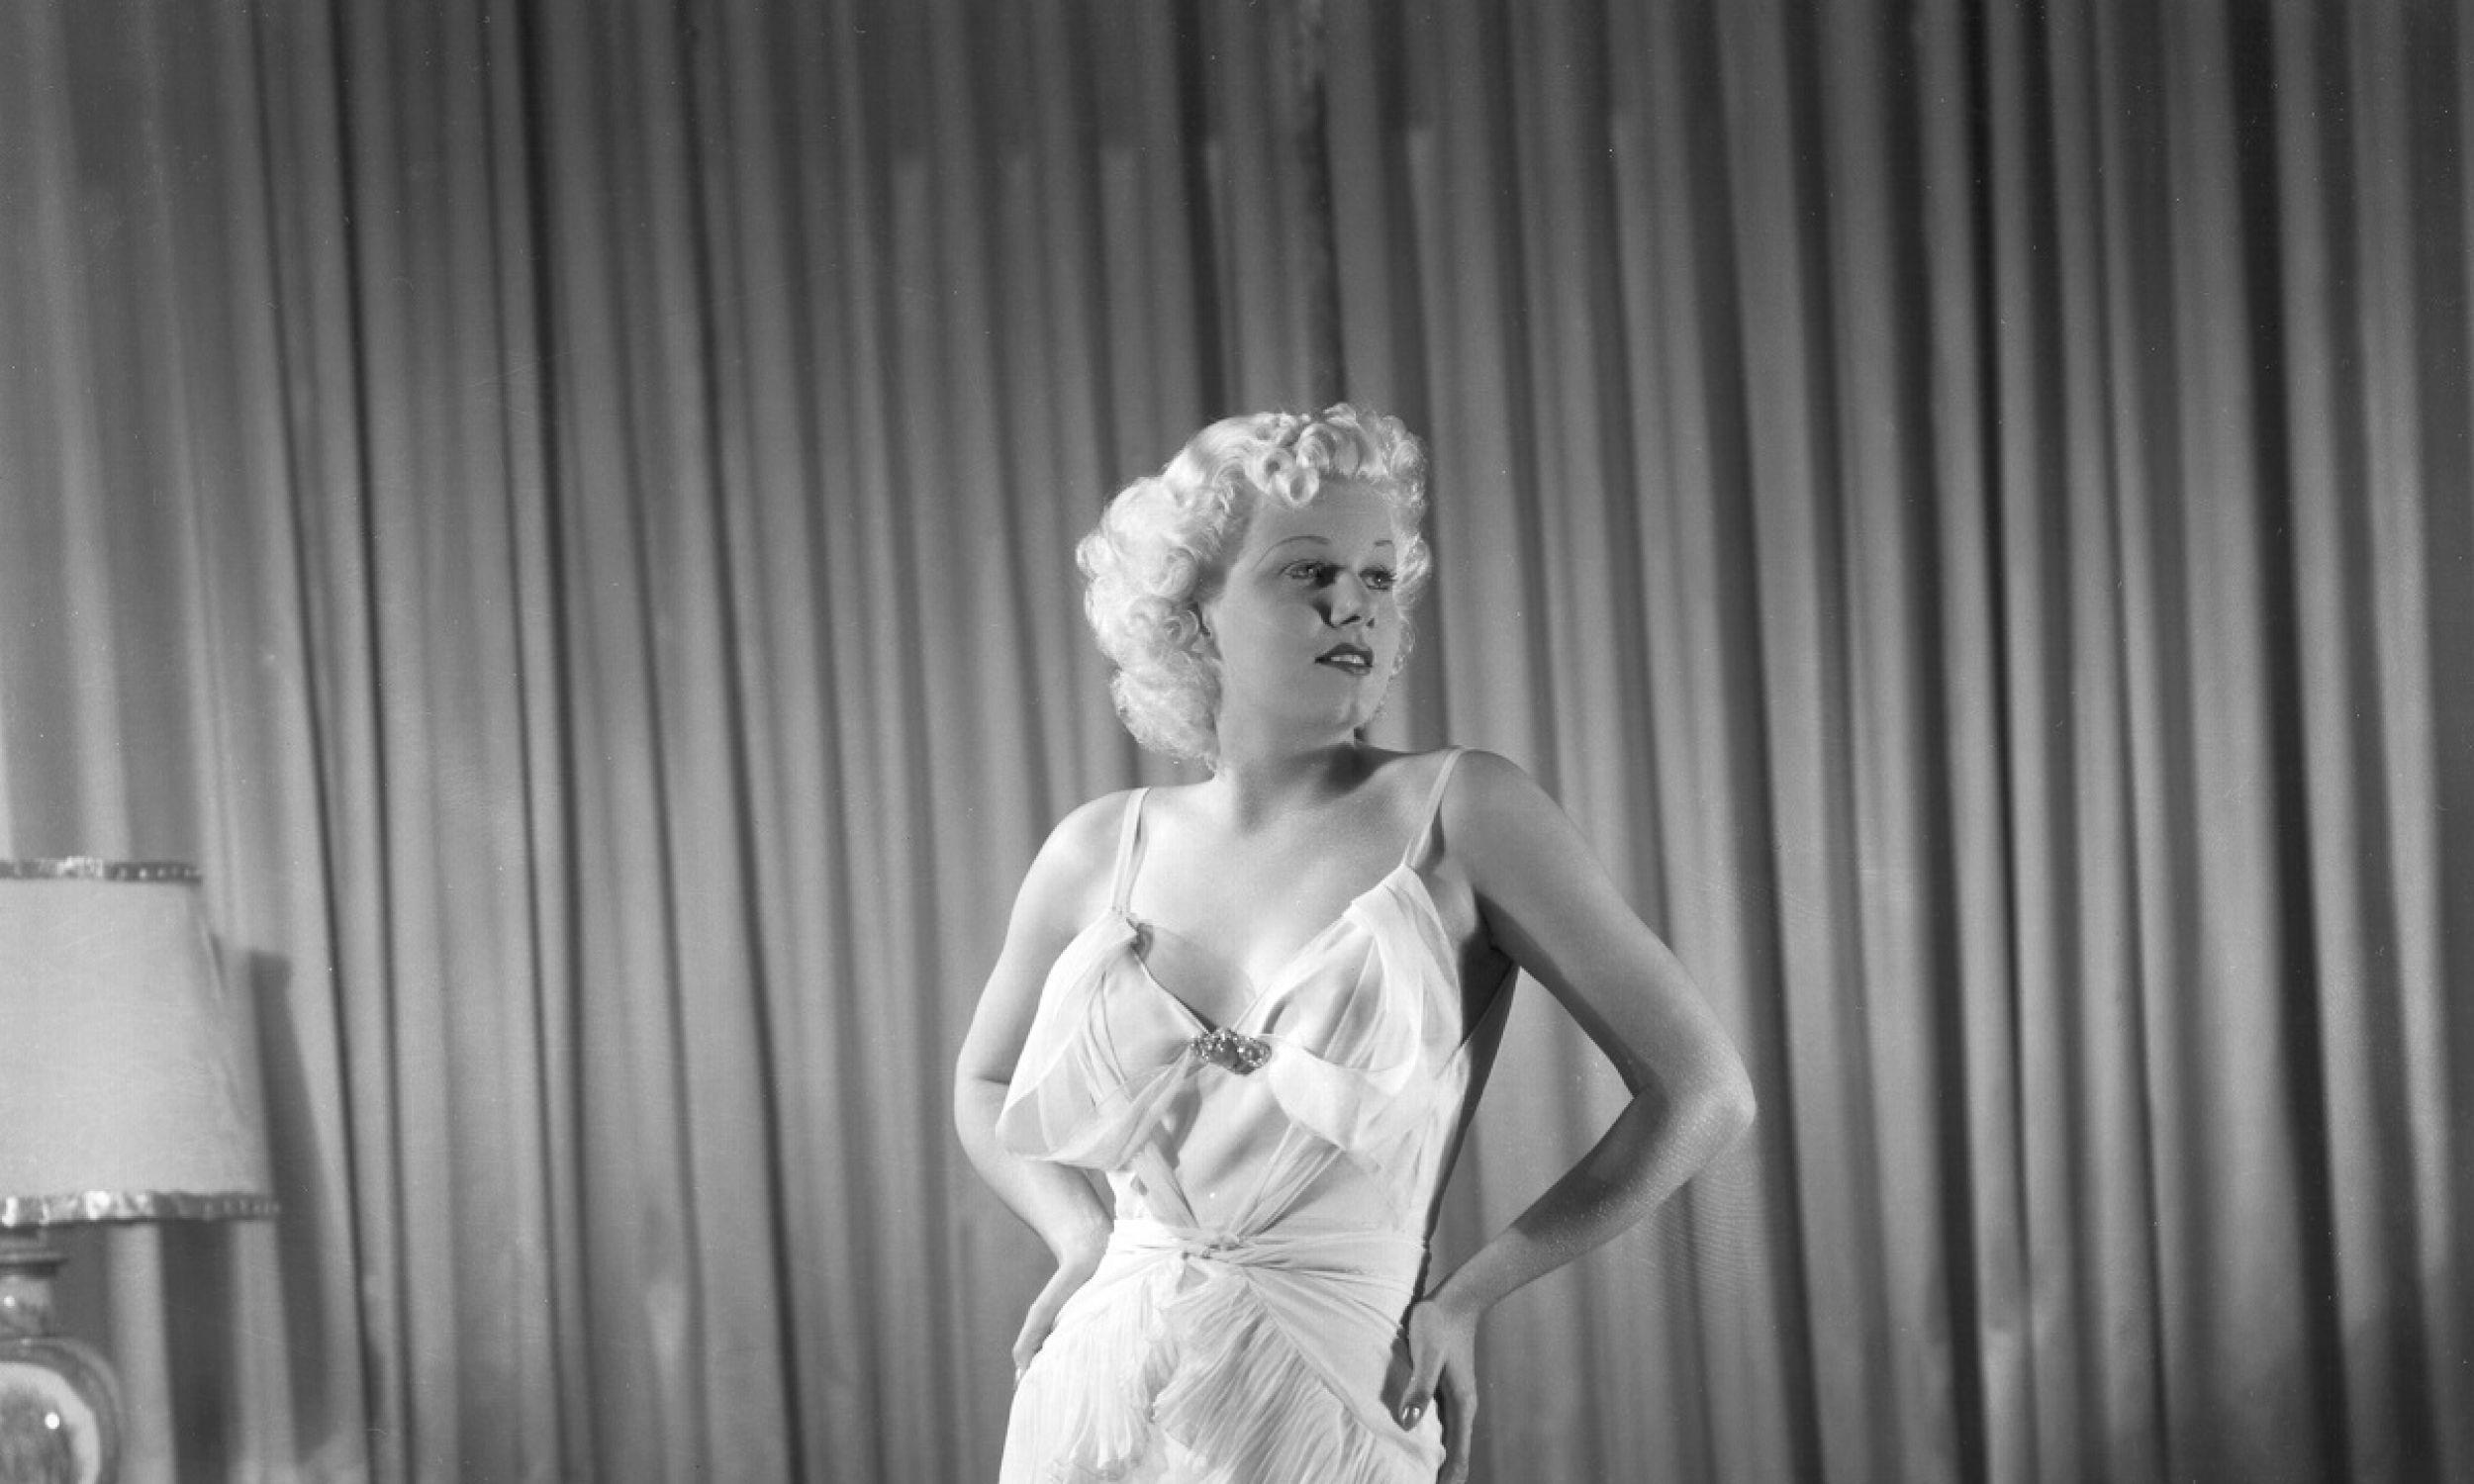 Jean Harlow nie potrzebowała żadnego wsparcia dla piersi i chętnie to demonstrowała. Zdjęcie z ok 1930 roku.Fot. Michael Ochs Archives/Getty Images